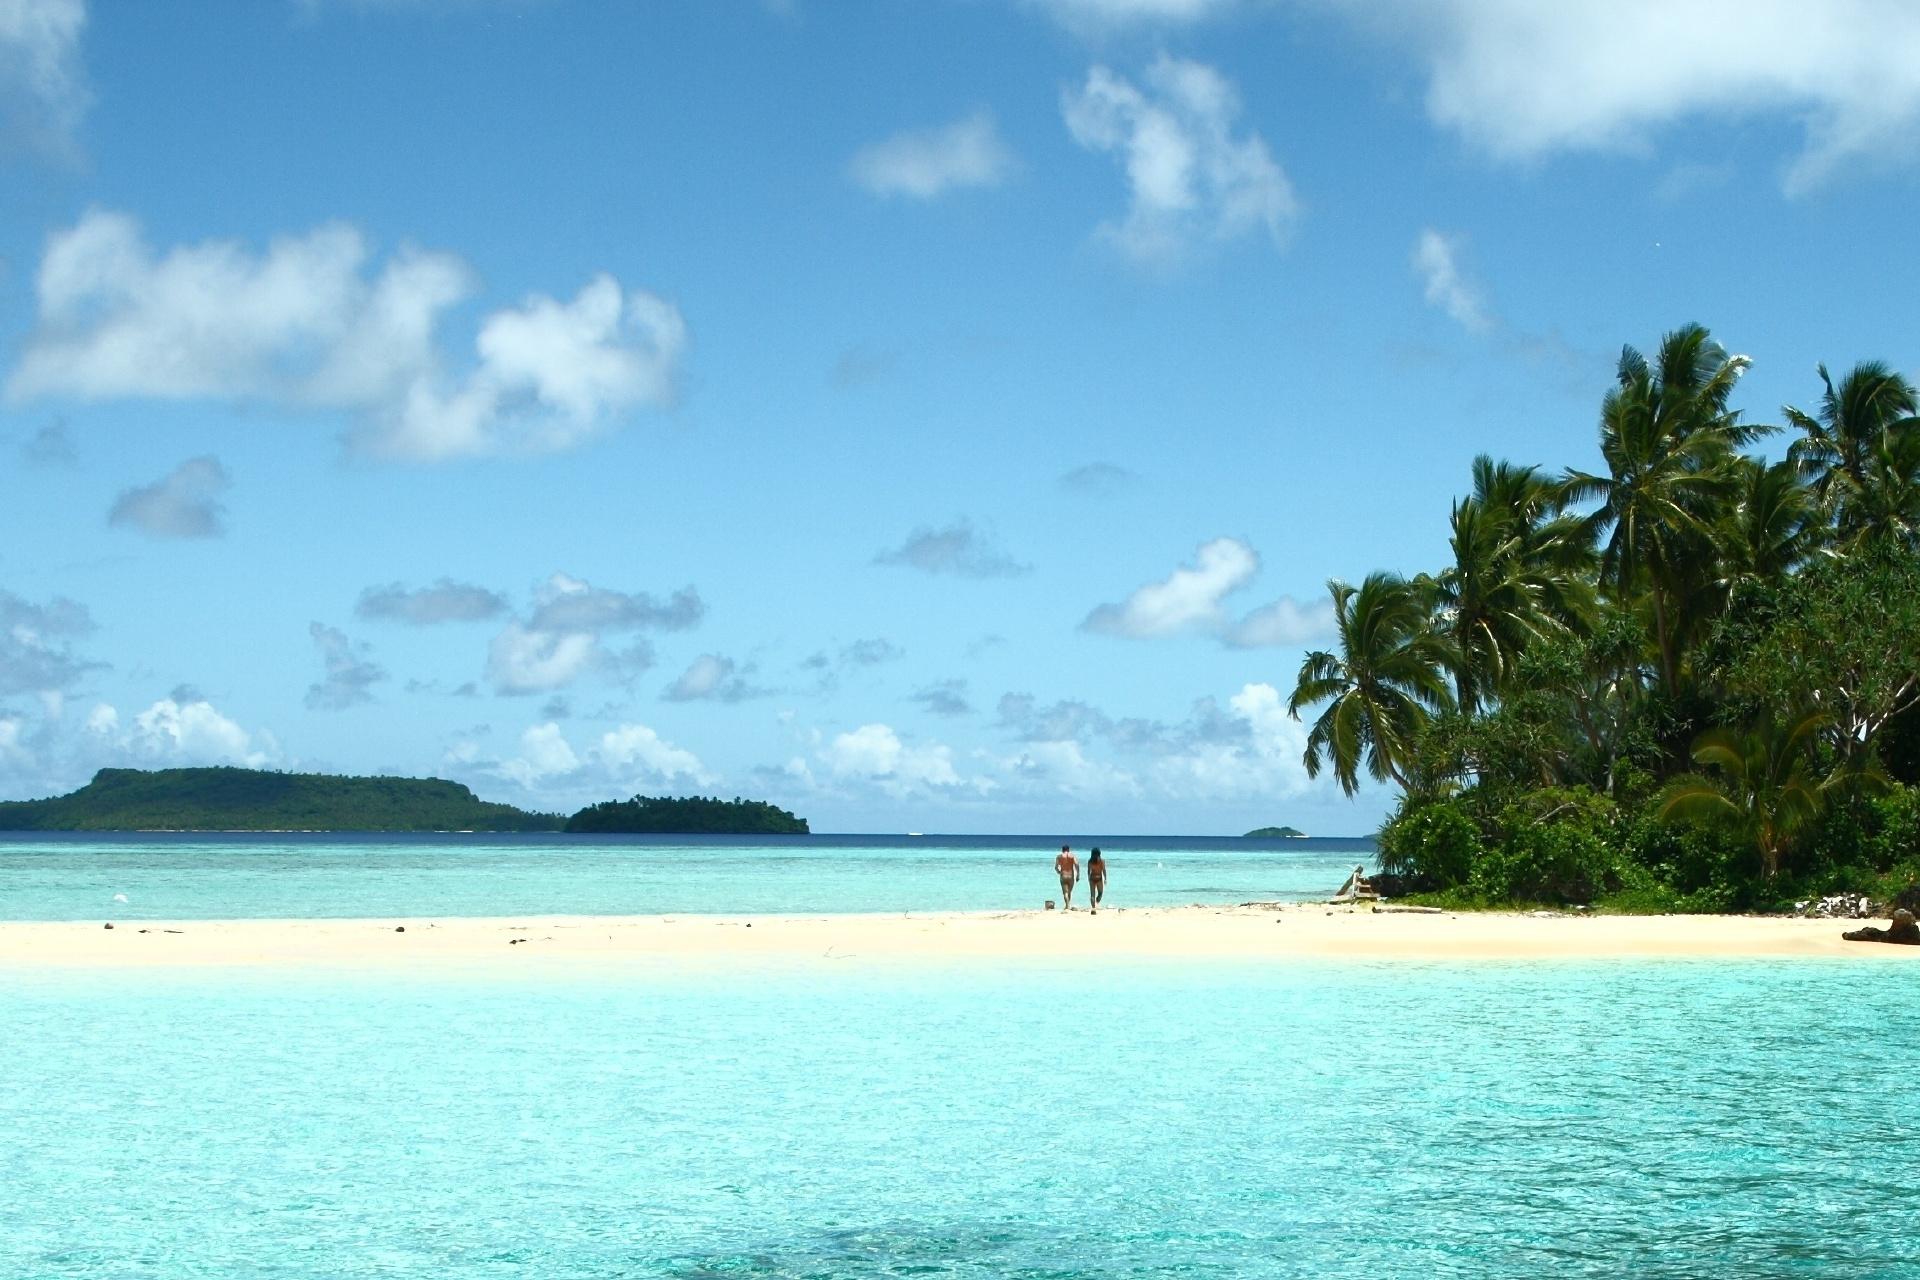 ヌク島の風景 トンガの風景